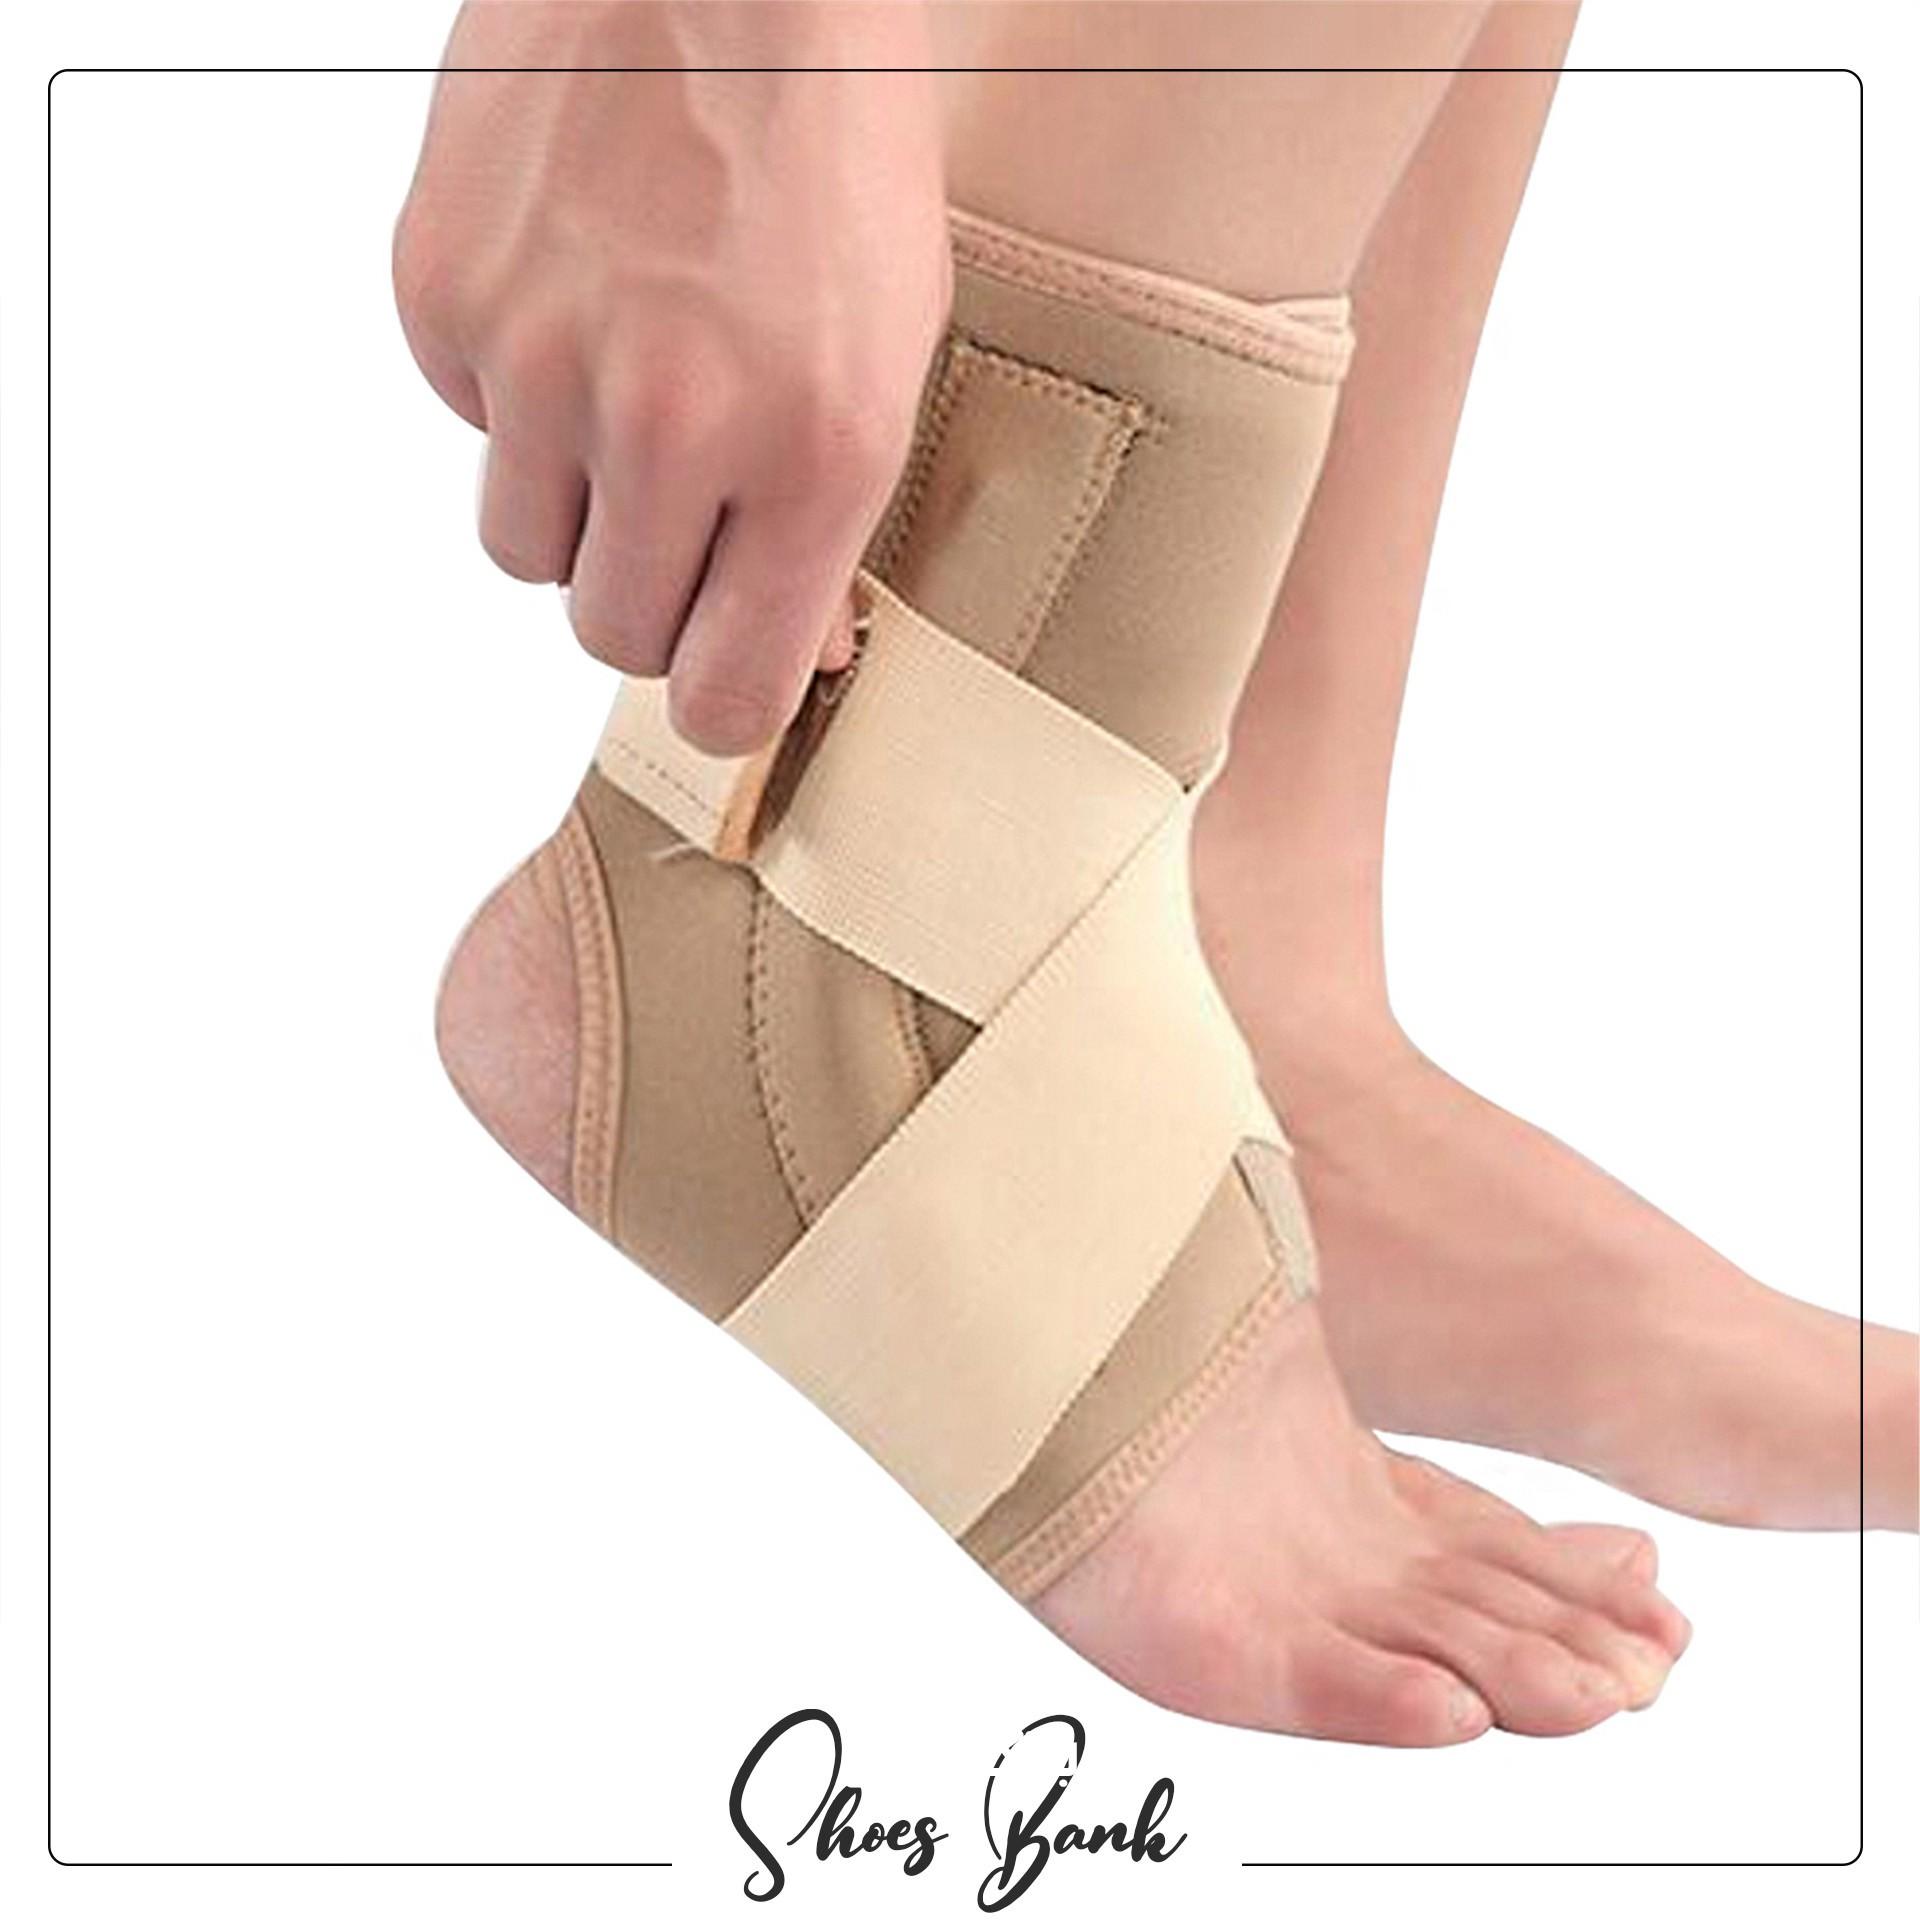 آتل های کشی یکی از وسایل کاربردی برای پیشگیری از پیچ خوردگی مچ پا هستند